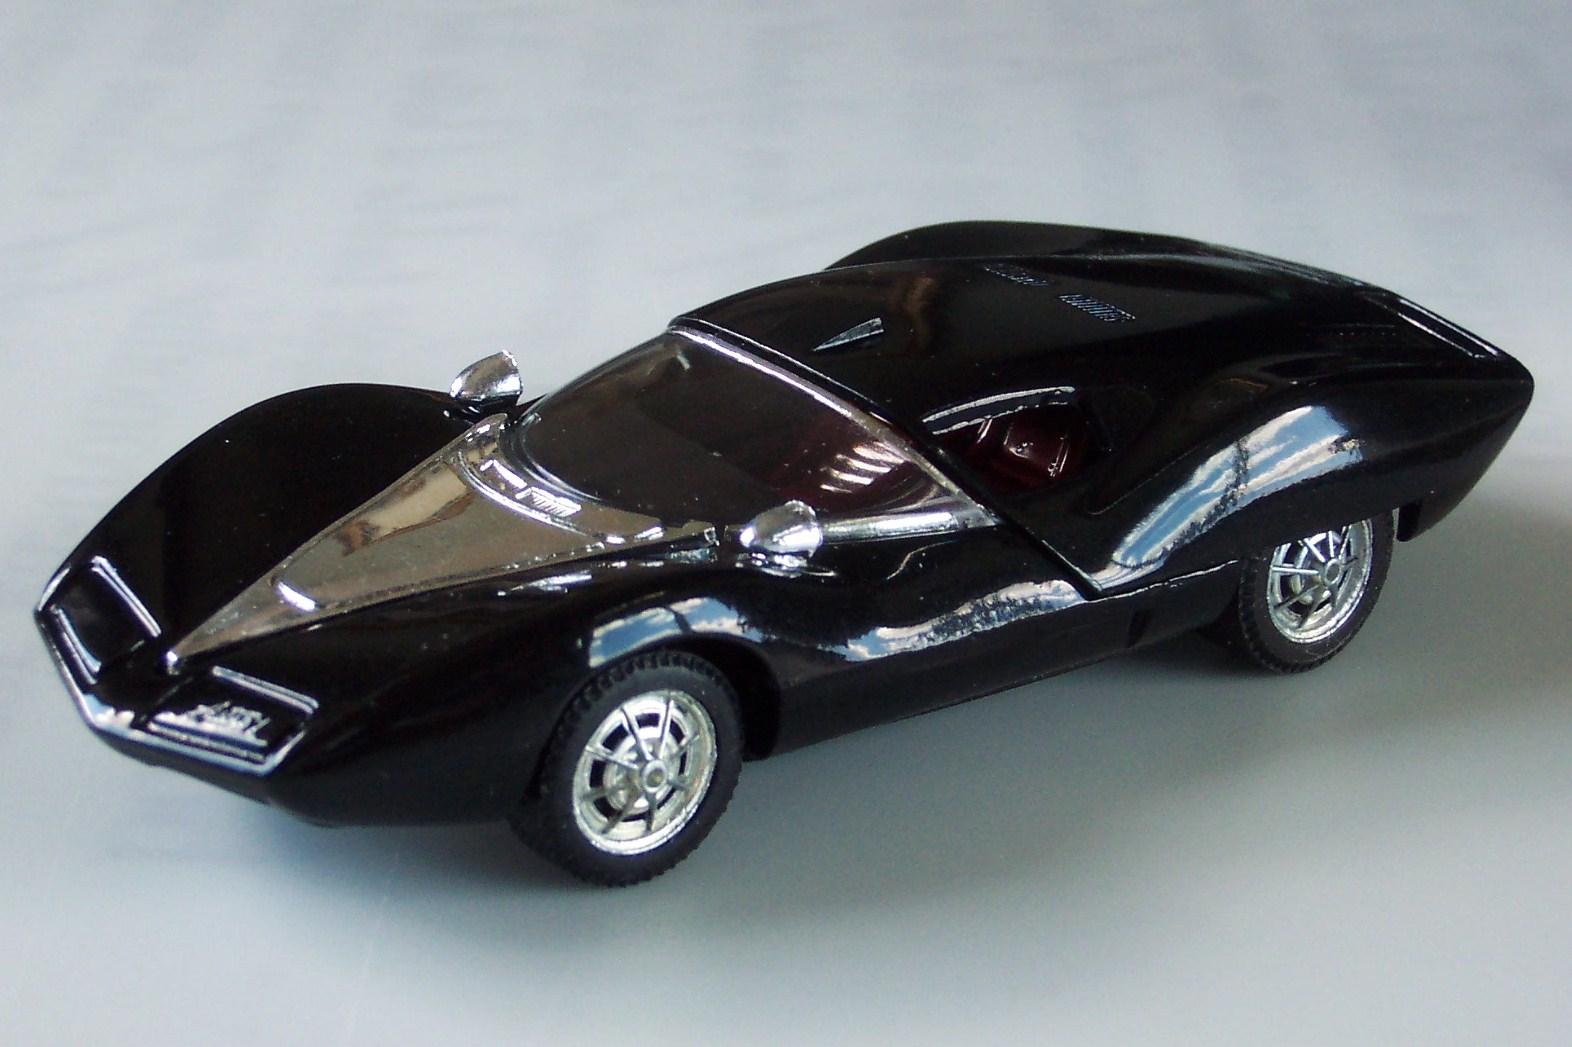 1 43 Concept Cars Chevrolet Corvette Astro I